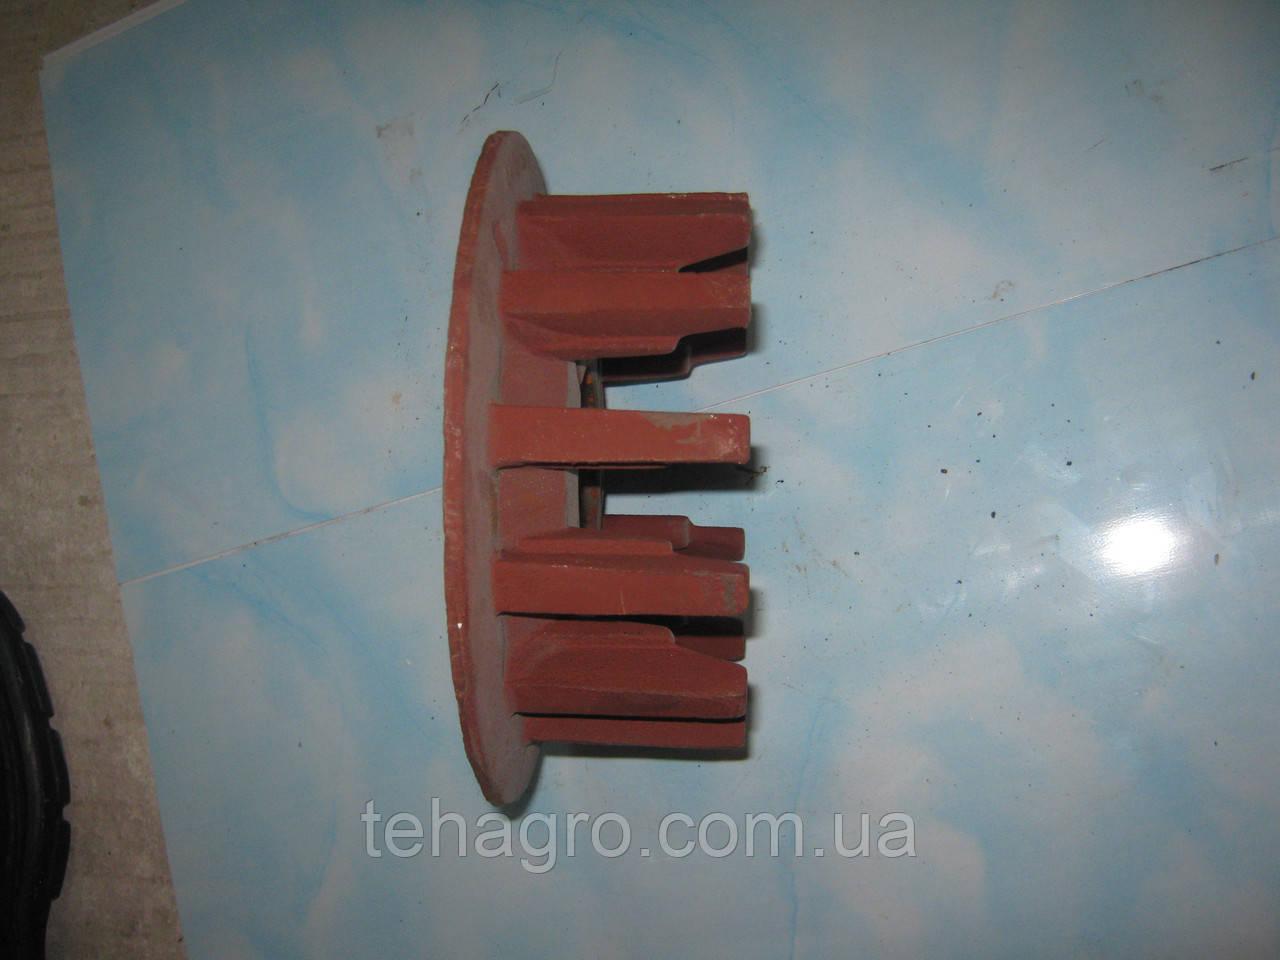 Шестерня транспортёра копателя (две половинки) Krukowiak. Шестерня привода транспортера. Приводная шестерня.